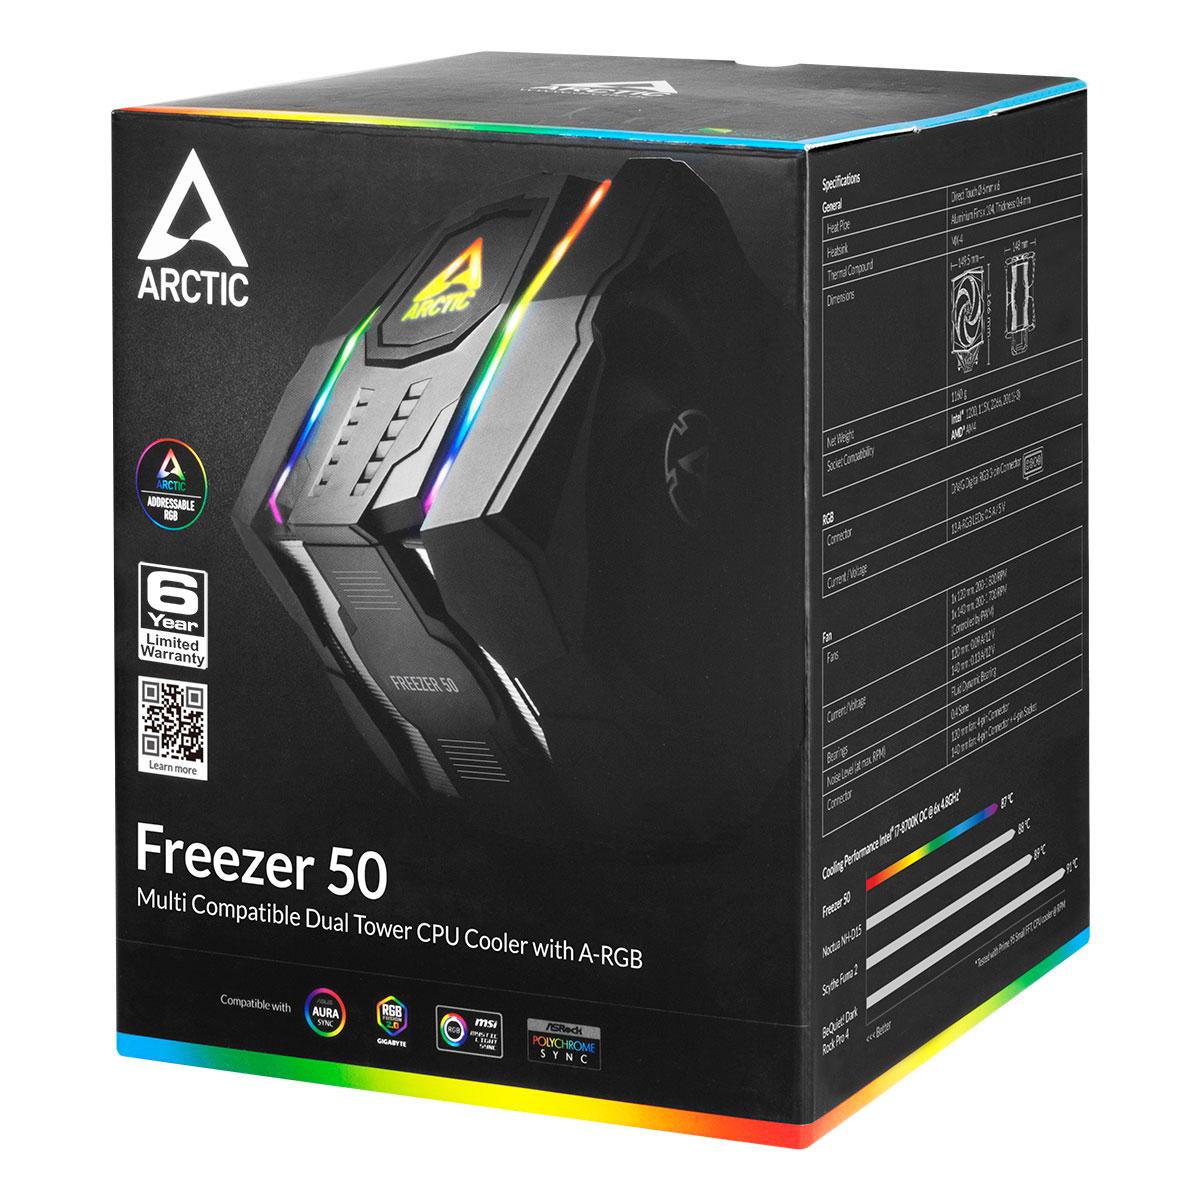 Multikompatibler Dual Tower CPU Kühler mit A-RGB ARCTIC Freezer 50 Produktverpackung Vorderansicht